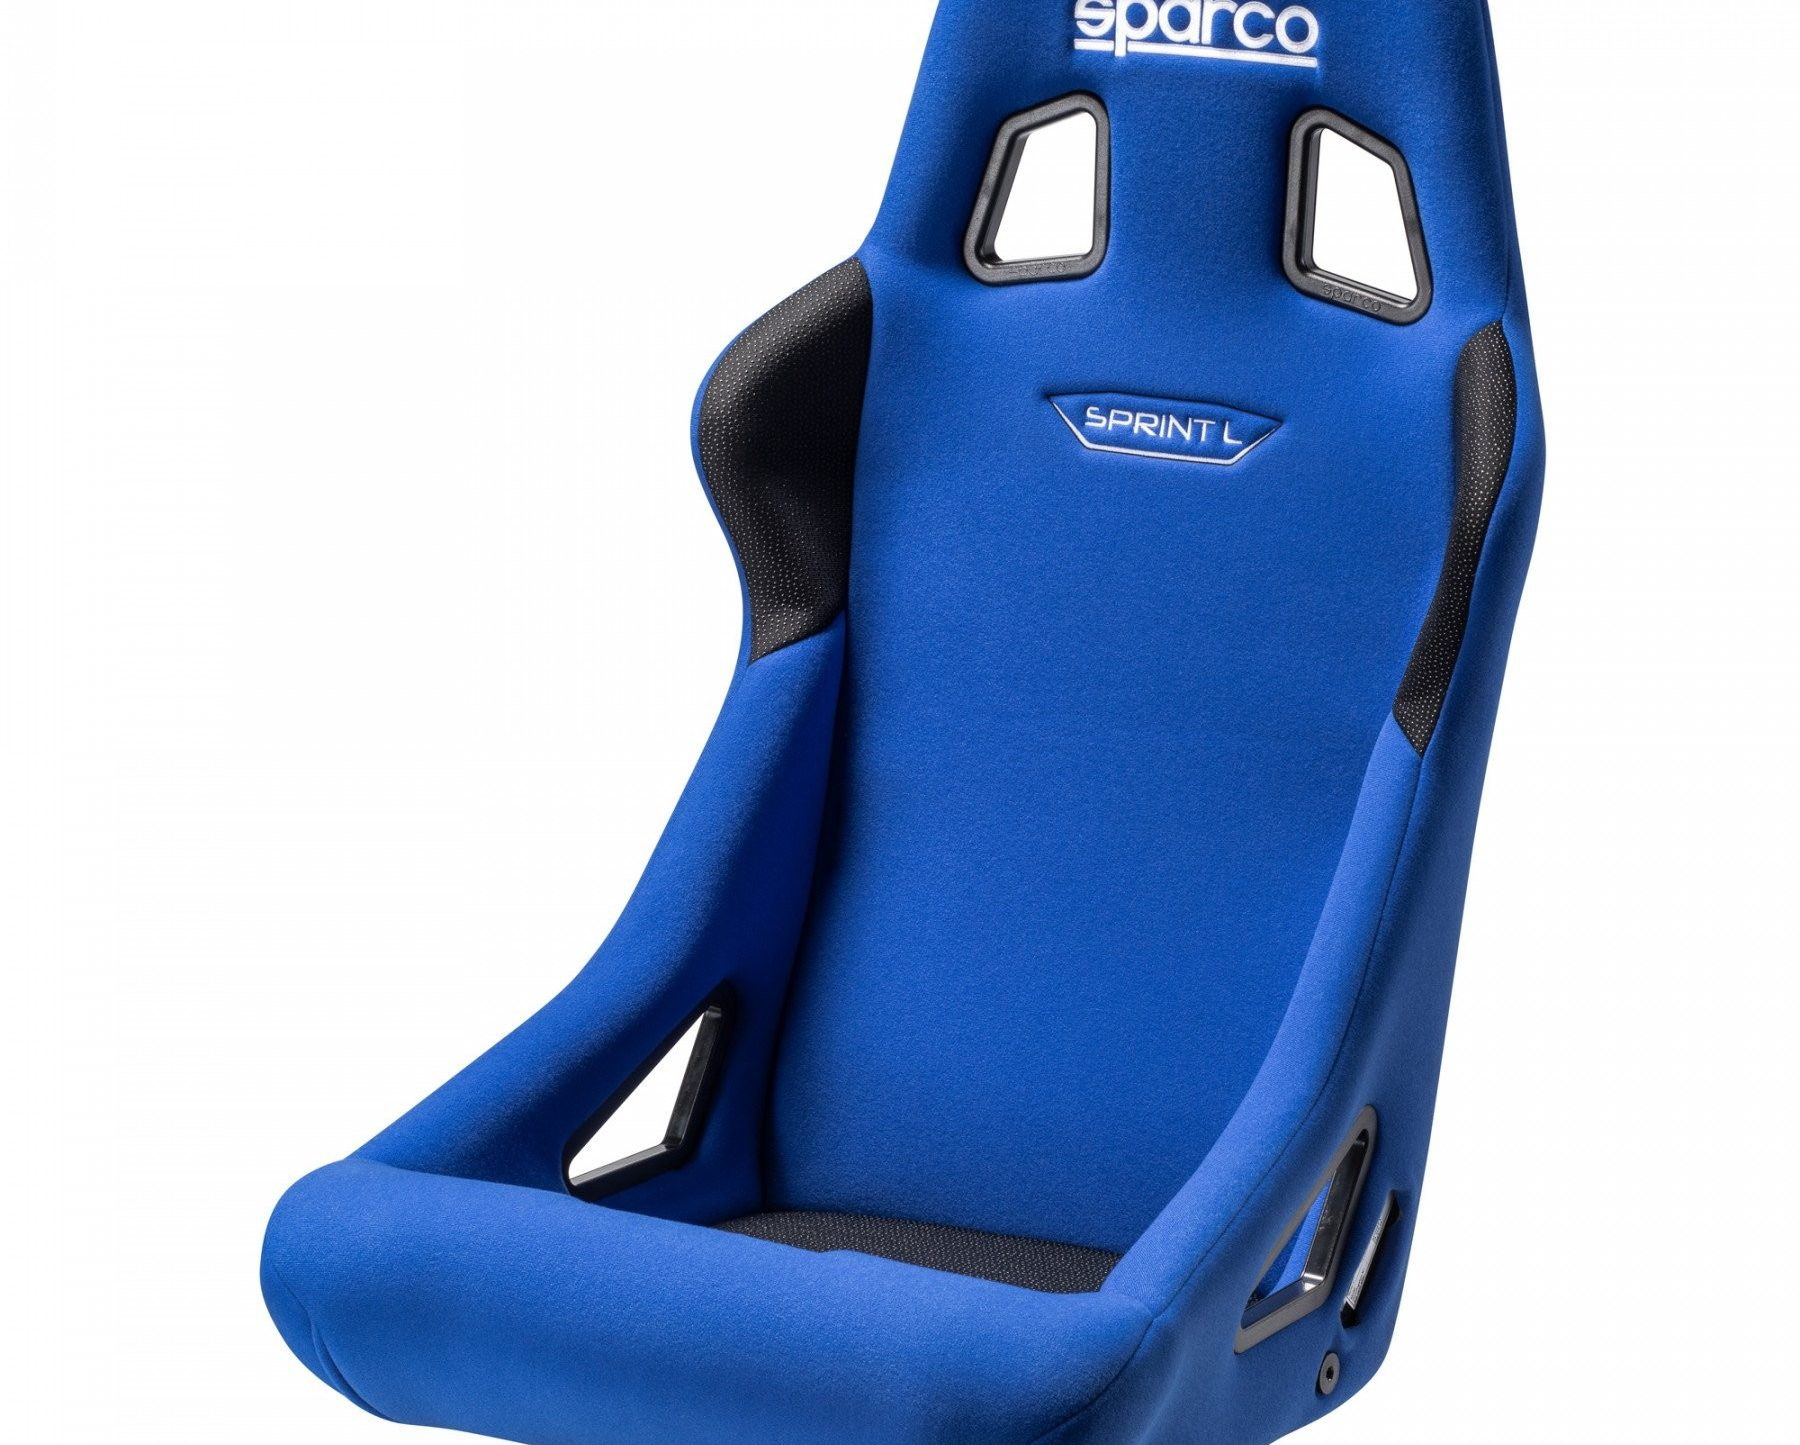 Нов продукт: Sparco Sprint L,Racing Seat